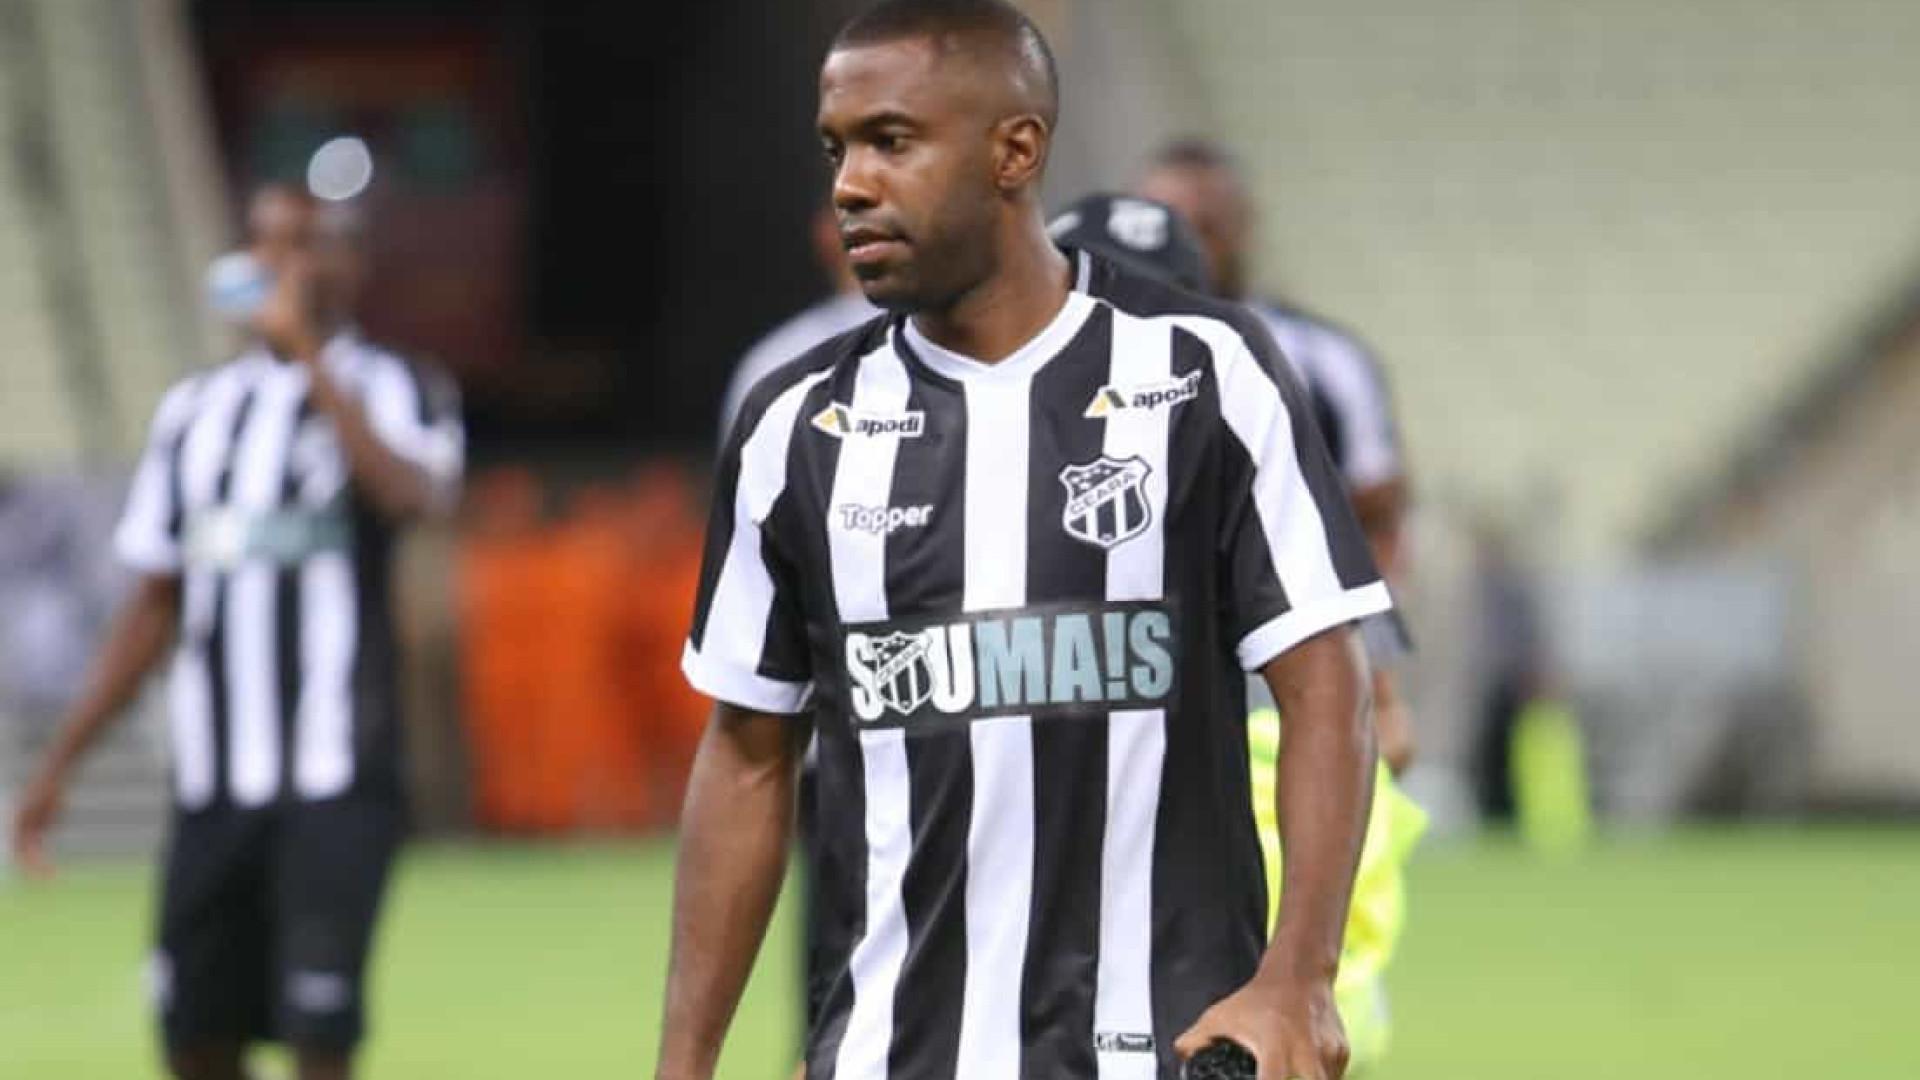 Galhardo relata injúria racial de torcedores do Santos a Fabinho